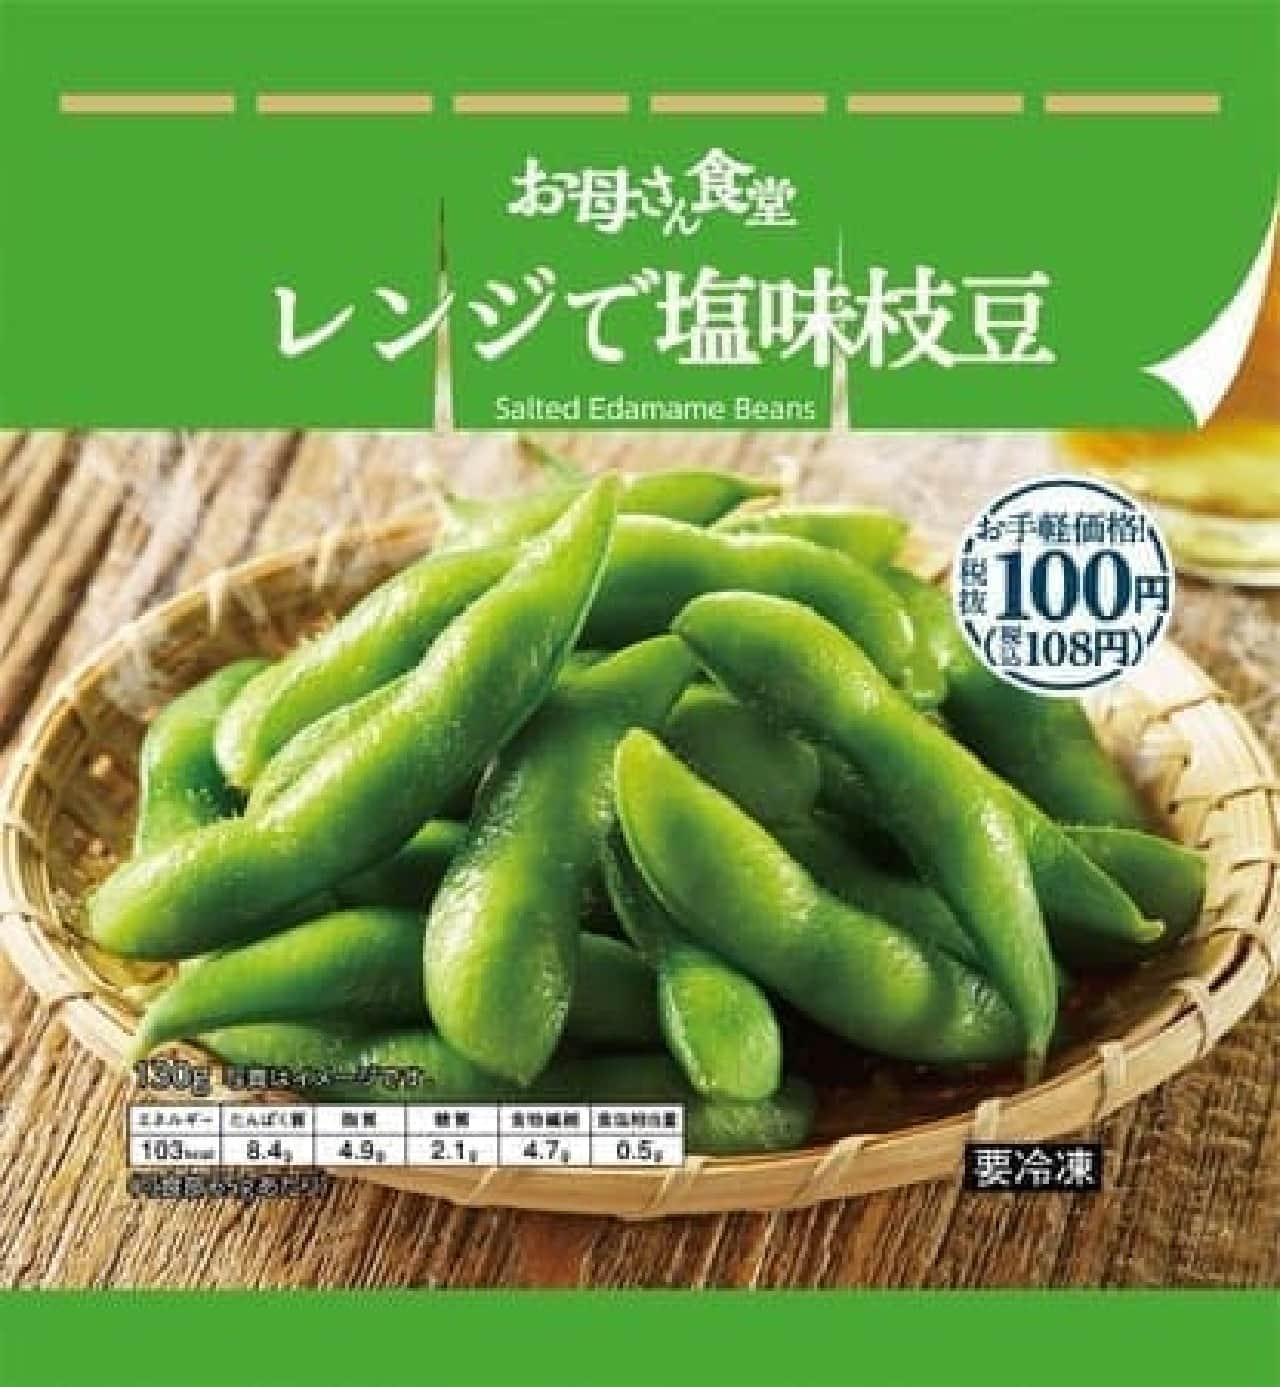 ファミリーマート「レンジで塩味枝豆」